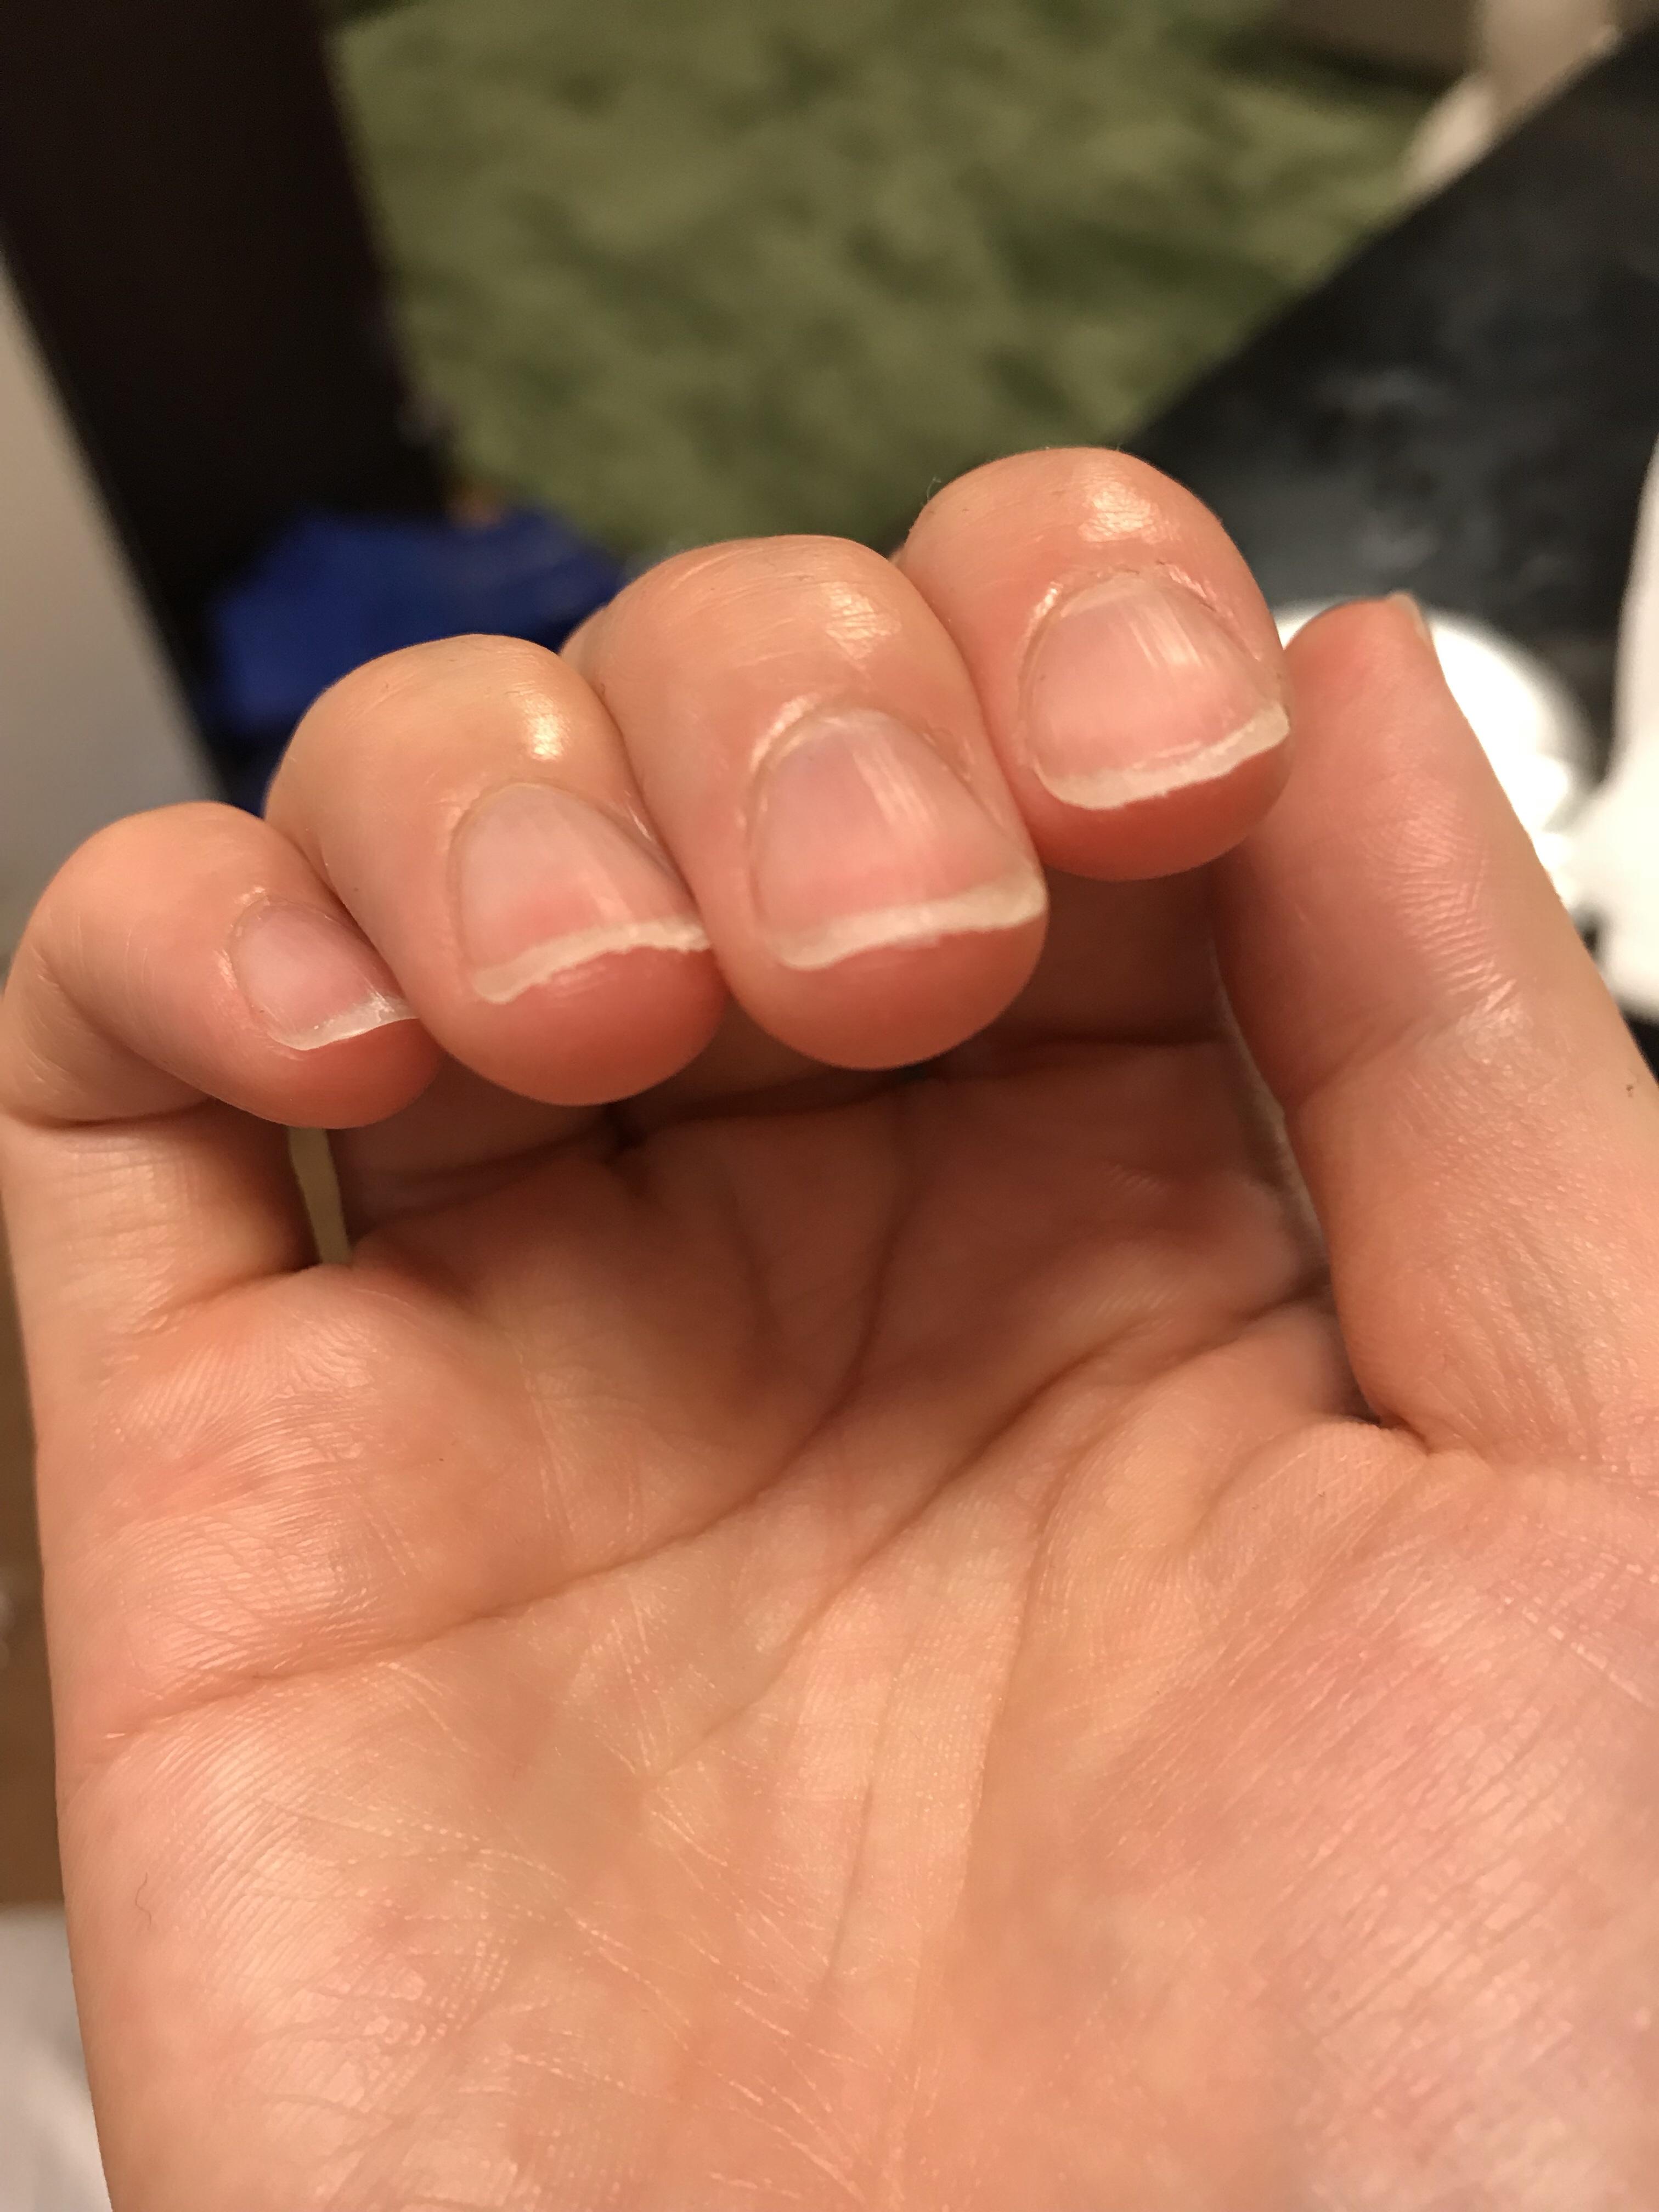 薬指や中指の爪断面がボロボロになっているのが分かりますでしょうか(爪の先が2~3枚に分離した感じ)?ヤスリを往復させちゃうとこうなります…orzという写真